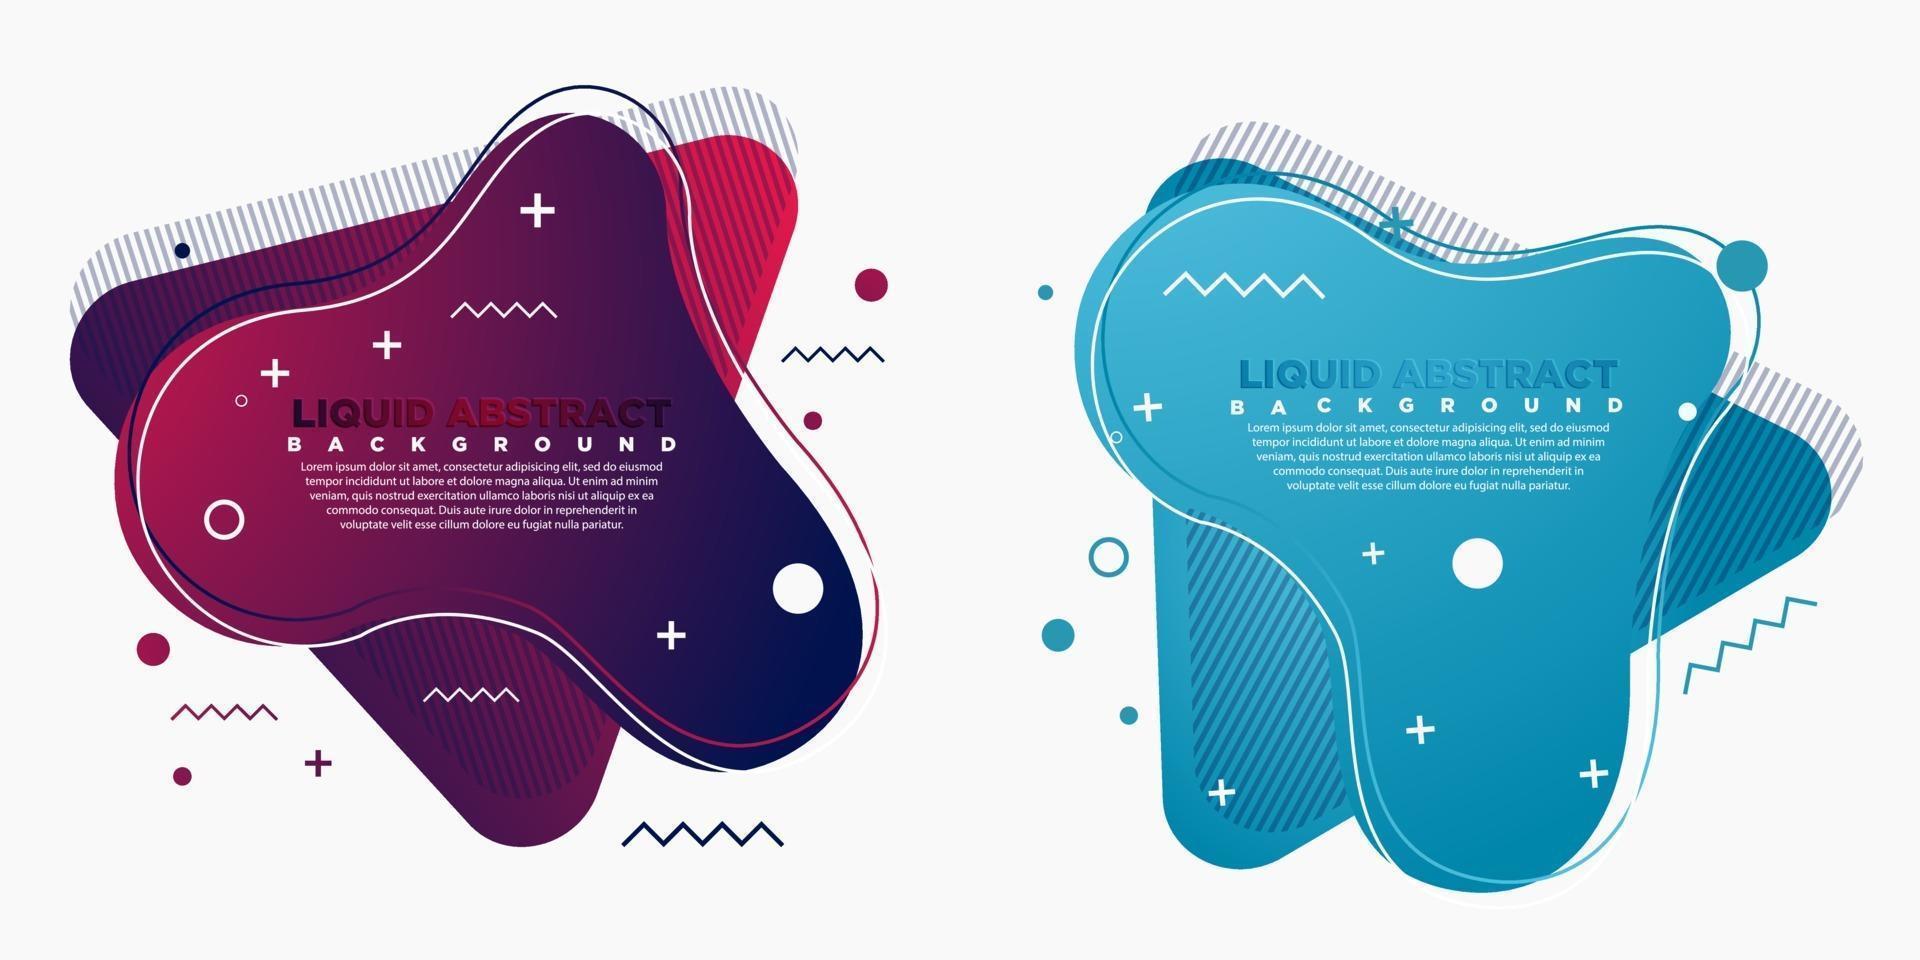 Satz abstrakter moderner grafischer Elemente. Formen und Linien und dynamische Farbabstufungen. abstraktes Fahnenbanner mit fließenden fließenden Formen. Vorlagen für Logo-Design oder Präsentationen. vektor